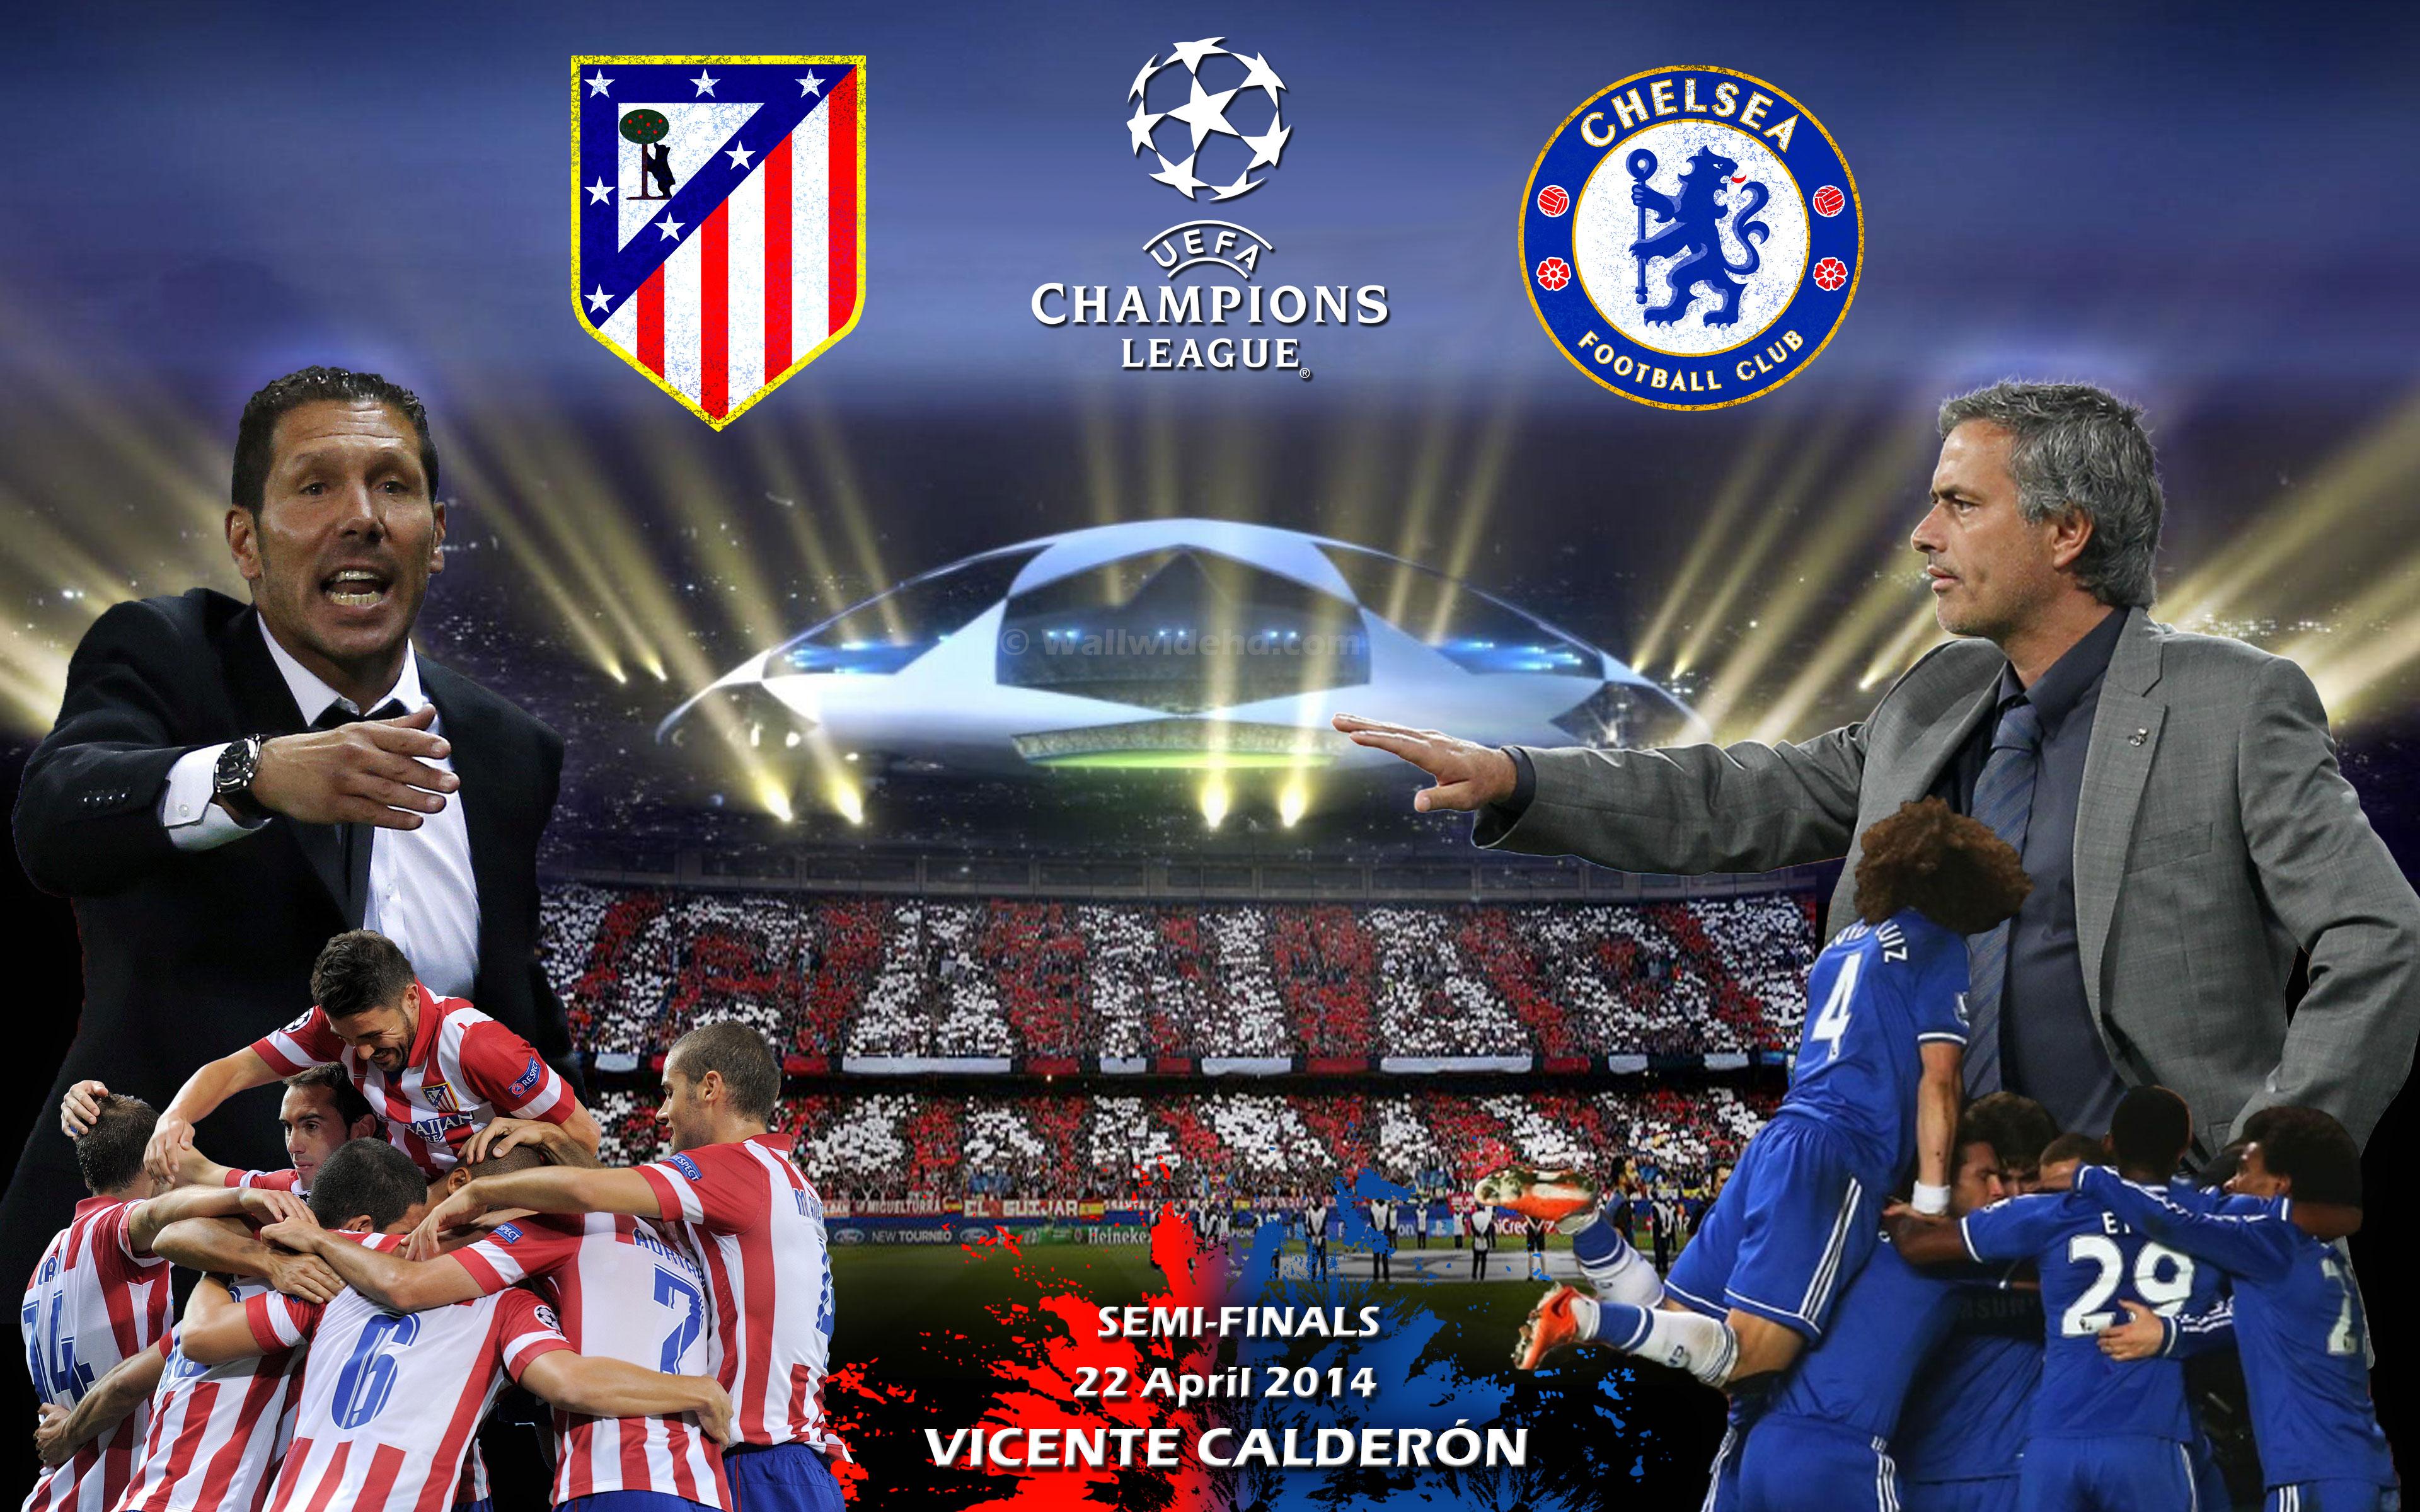 Contohatletico De Madrid Vs Chelsea Fc 2014 Champions League